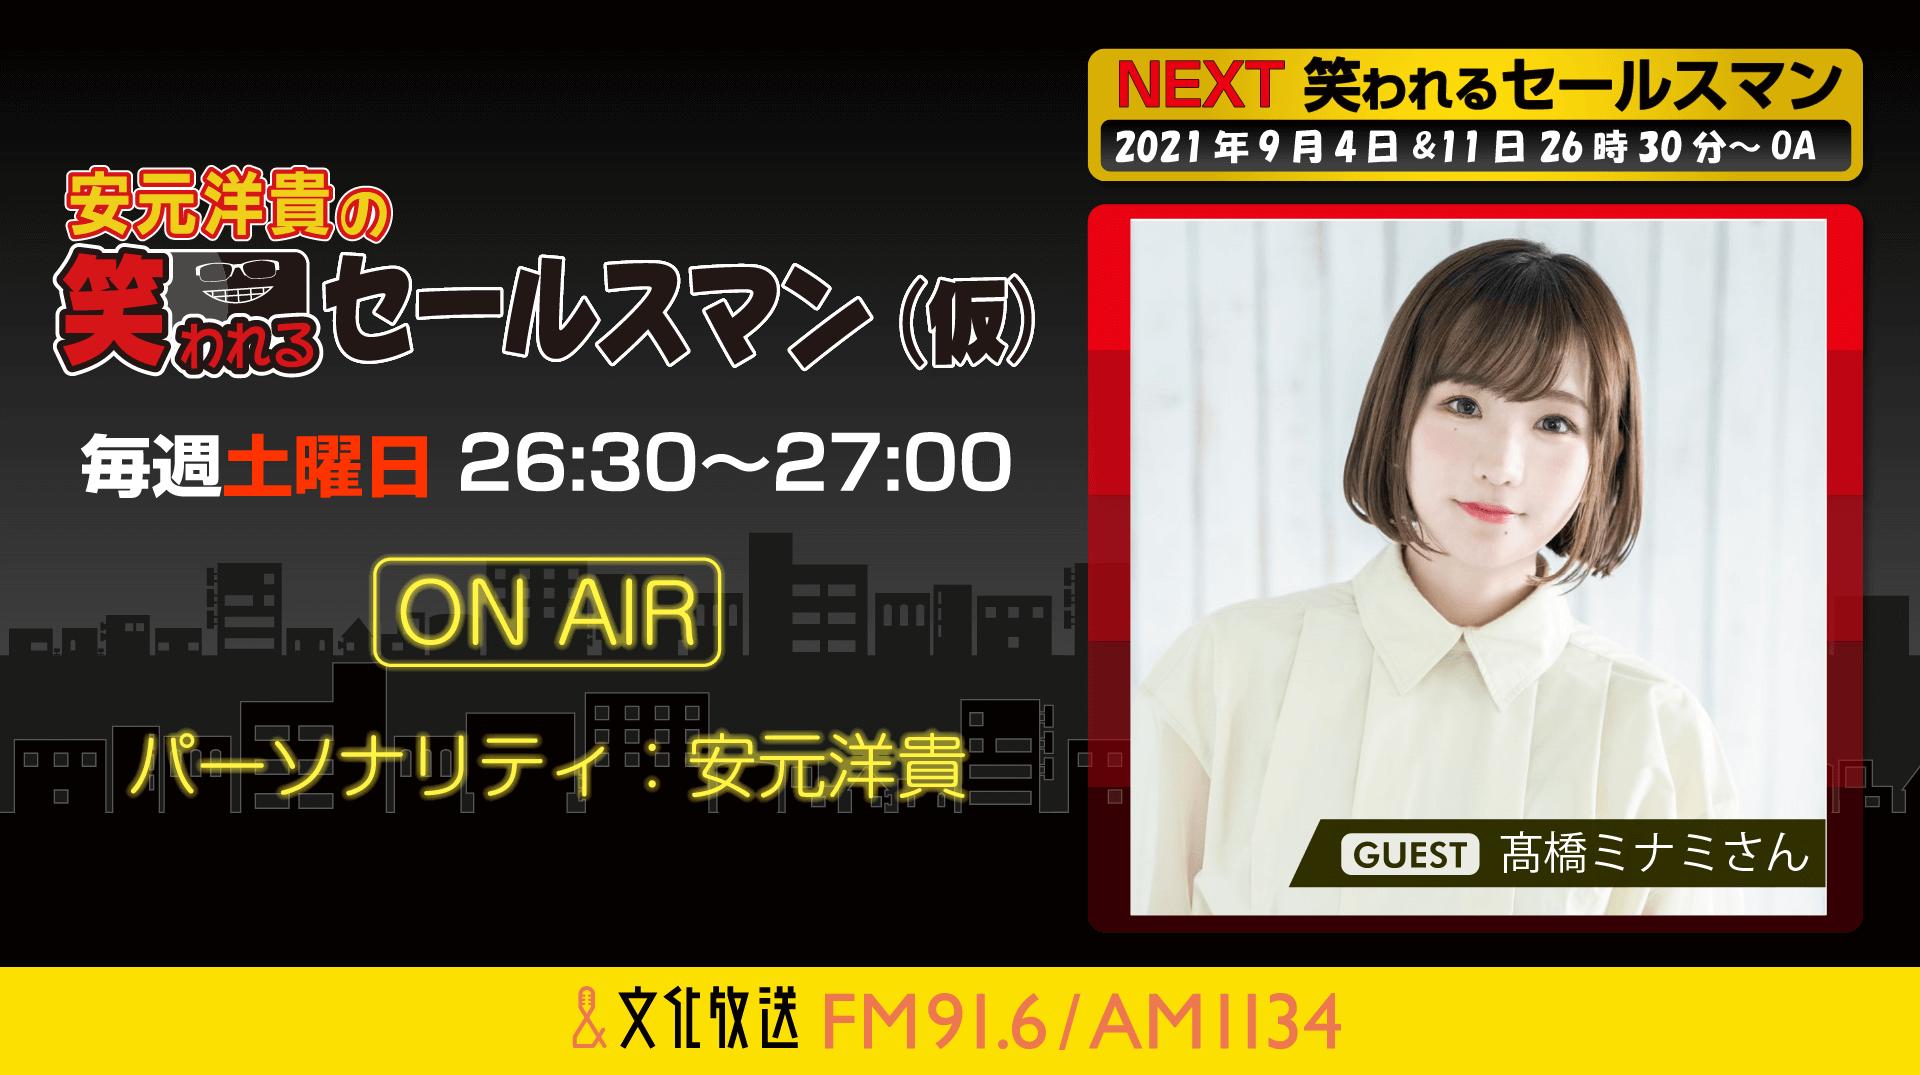 9月11日の放送には、髙橋ミナミさんがゲストに登場!『安元洋貴の笑われるセールスマン(仮)』